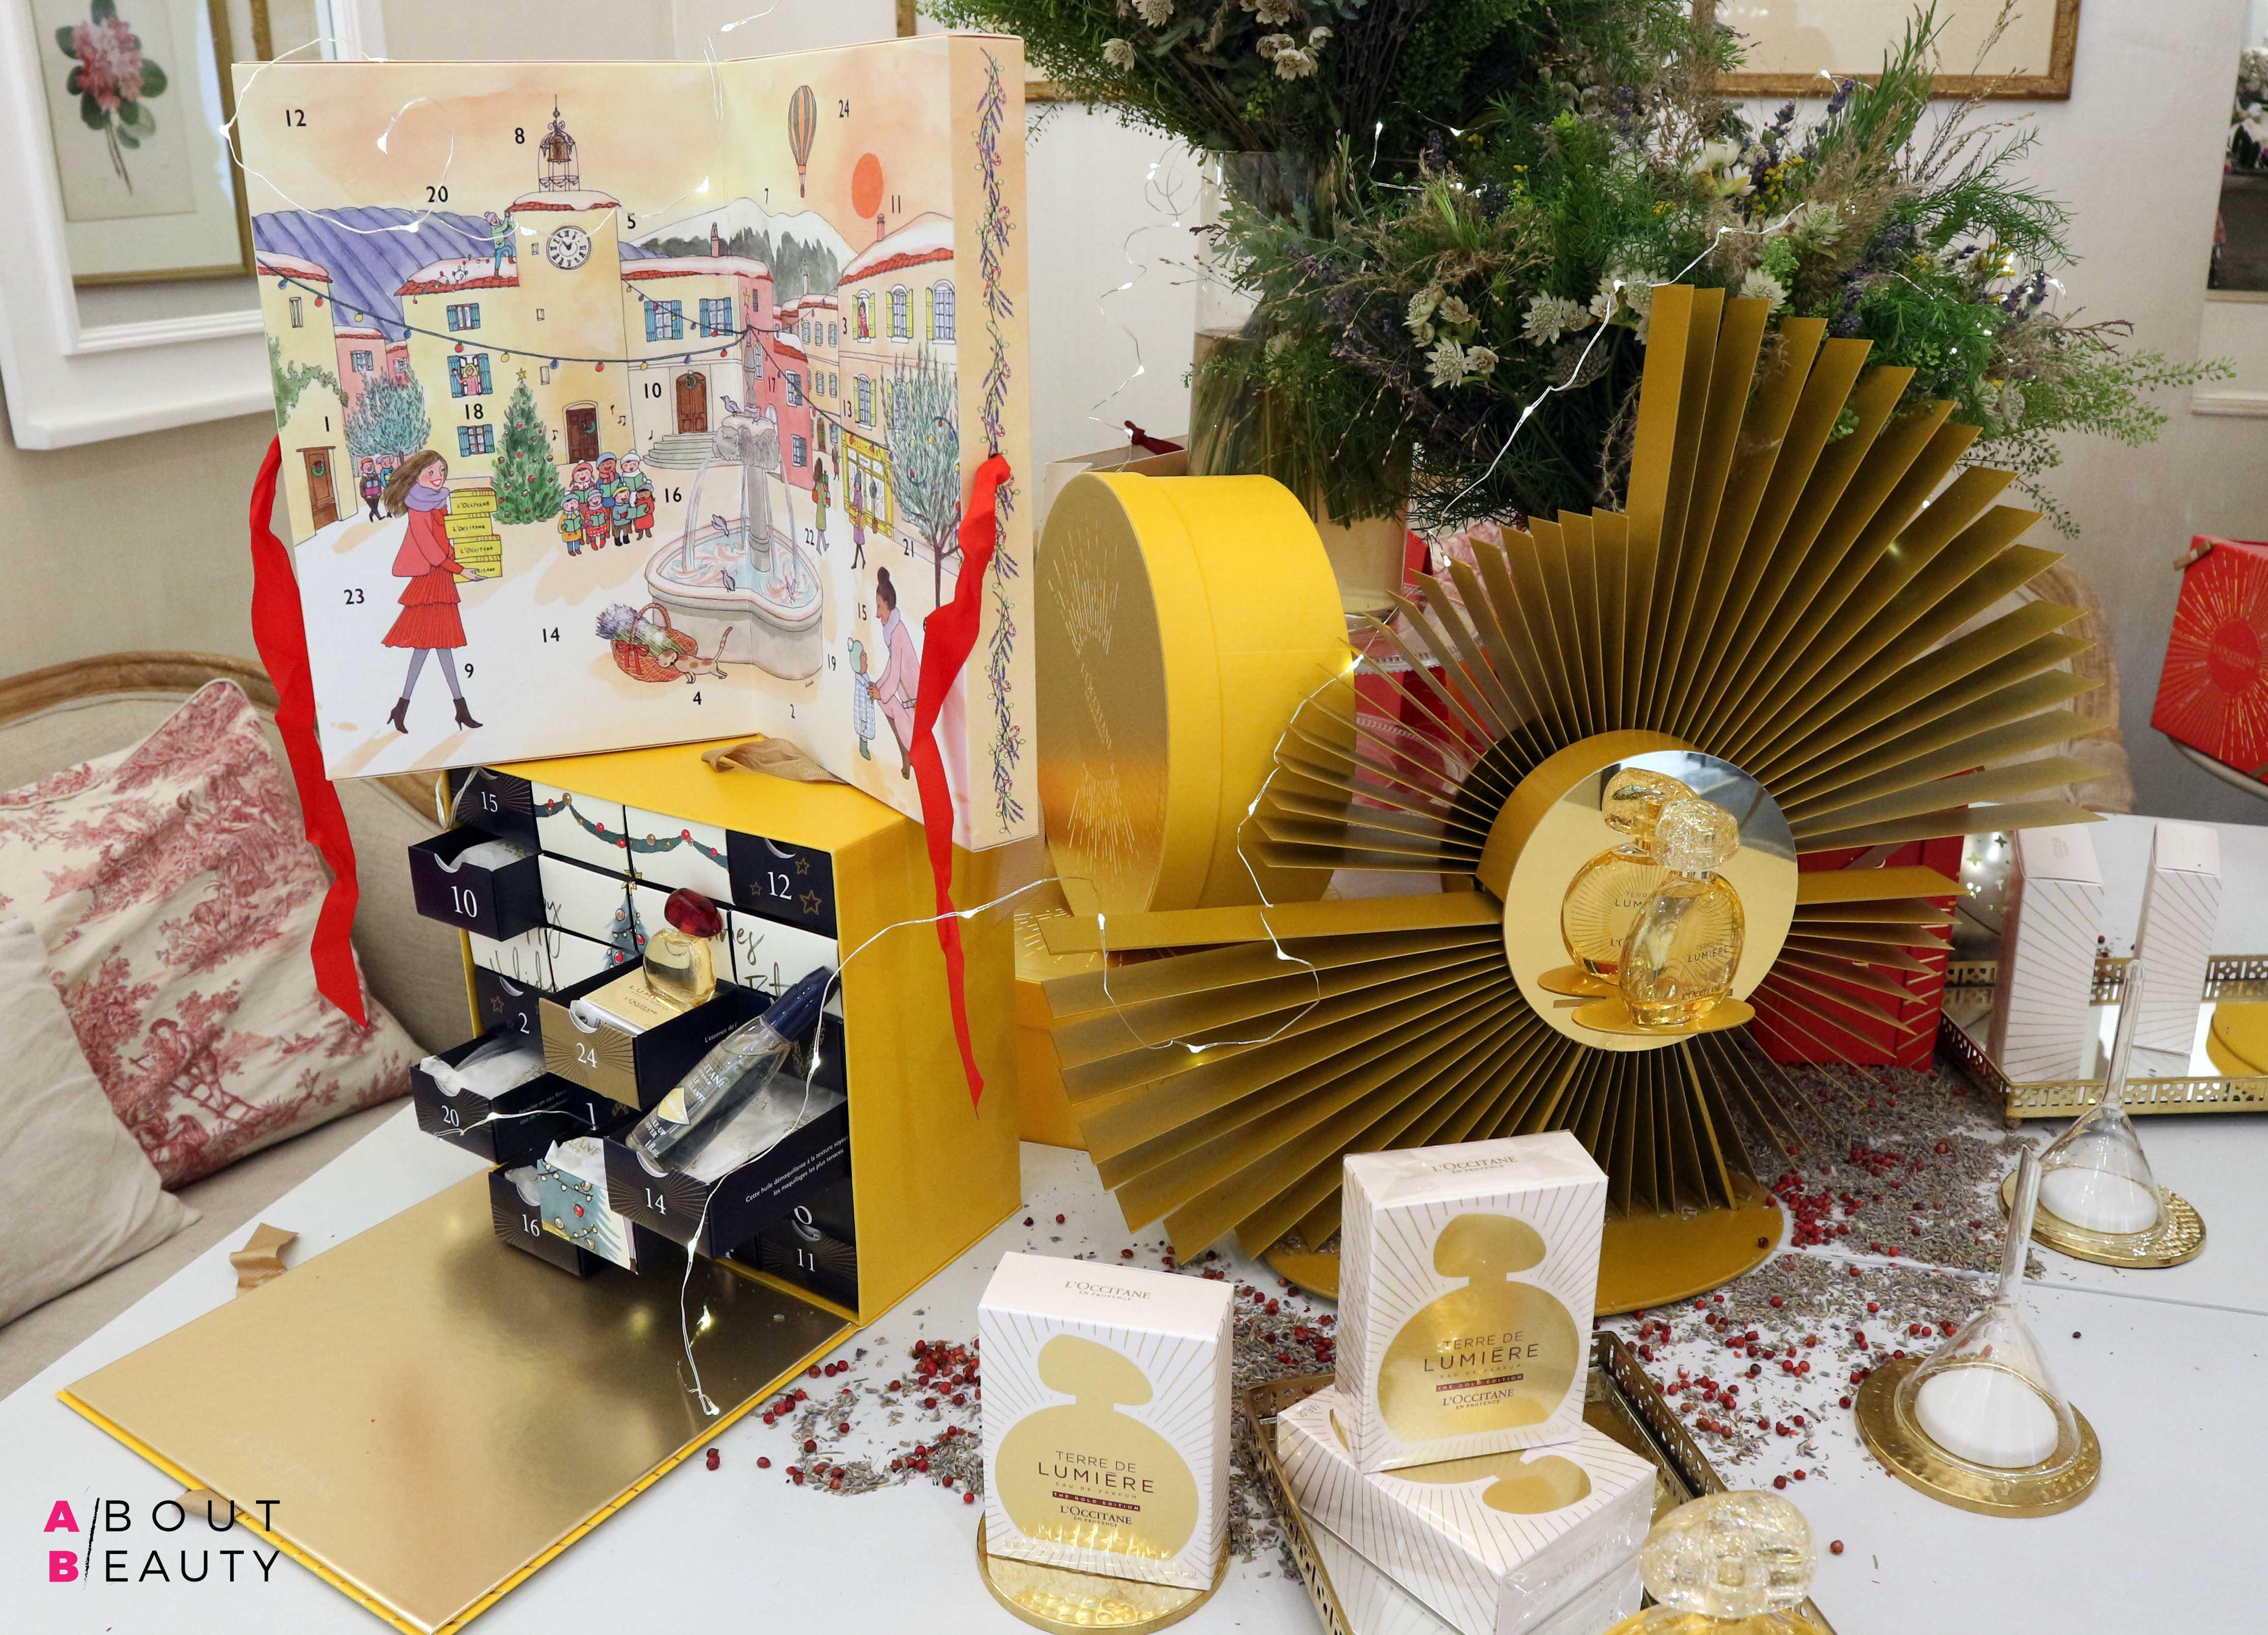 Il Natale L'Occitane 2017: tutte le novità - Info, foto, prezzi